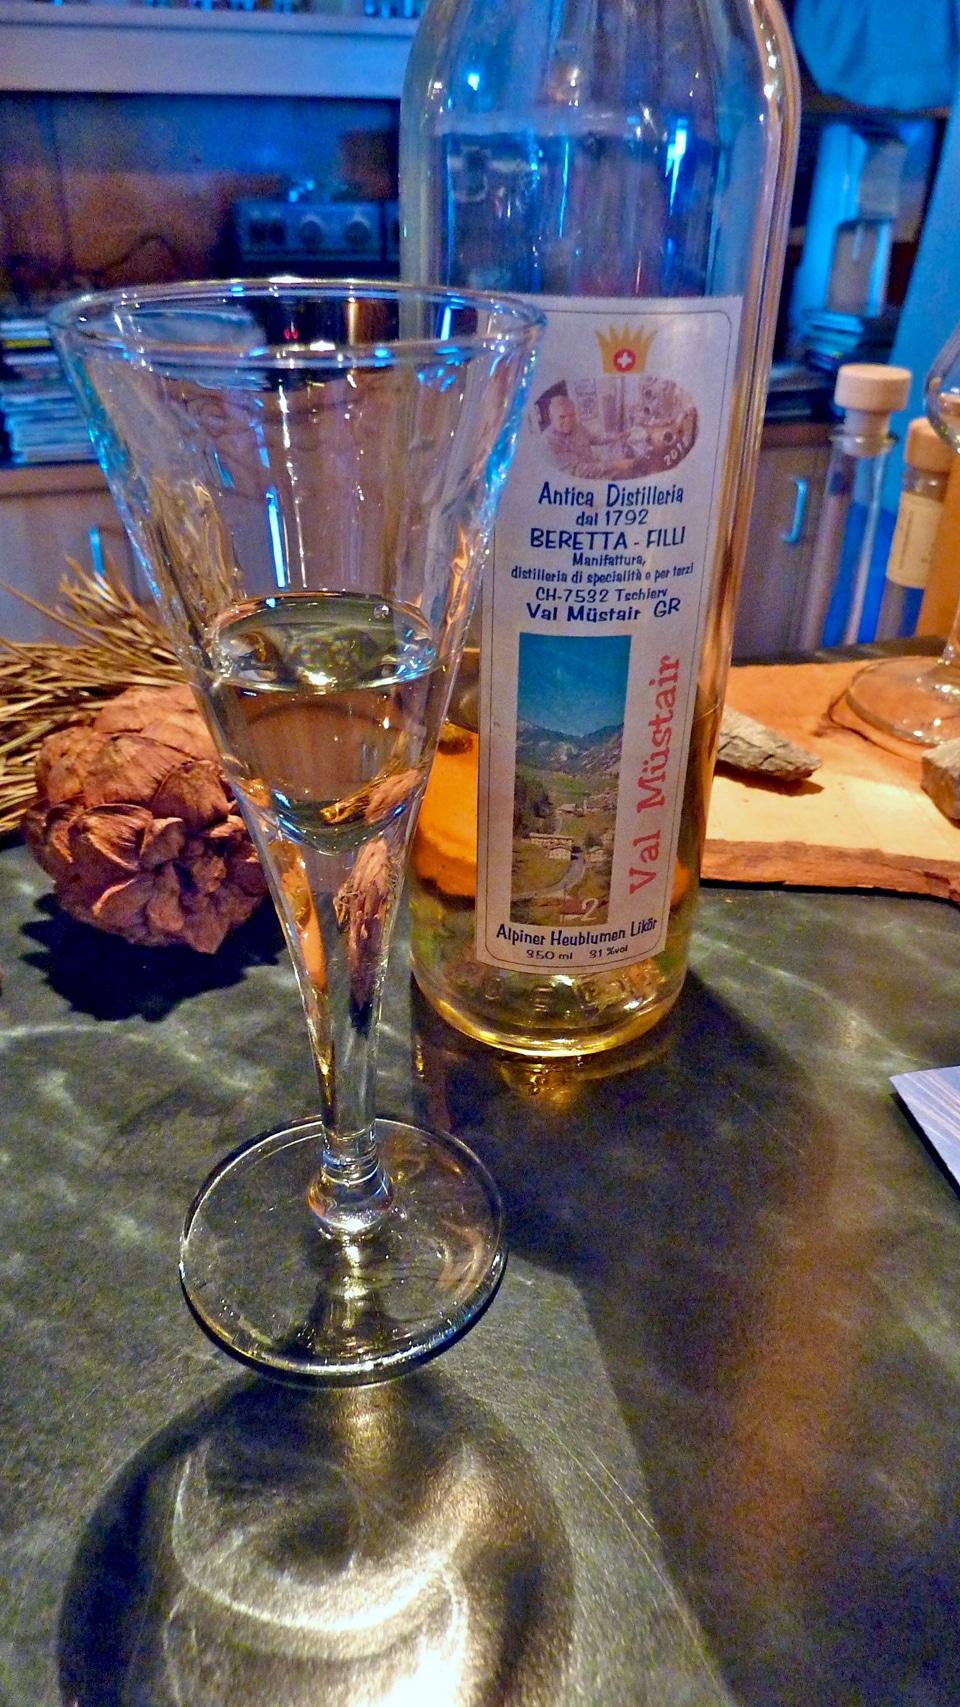 Alpiner Heublumen, Beretta distillery, Tschierv, Switzerland